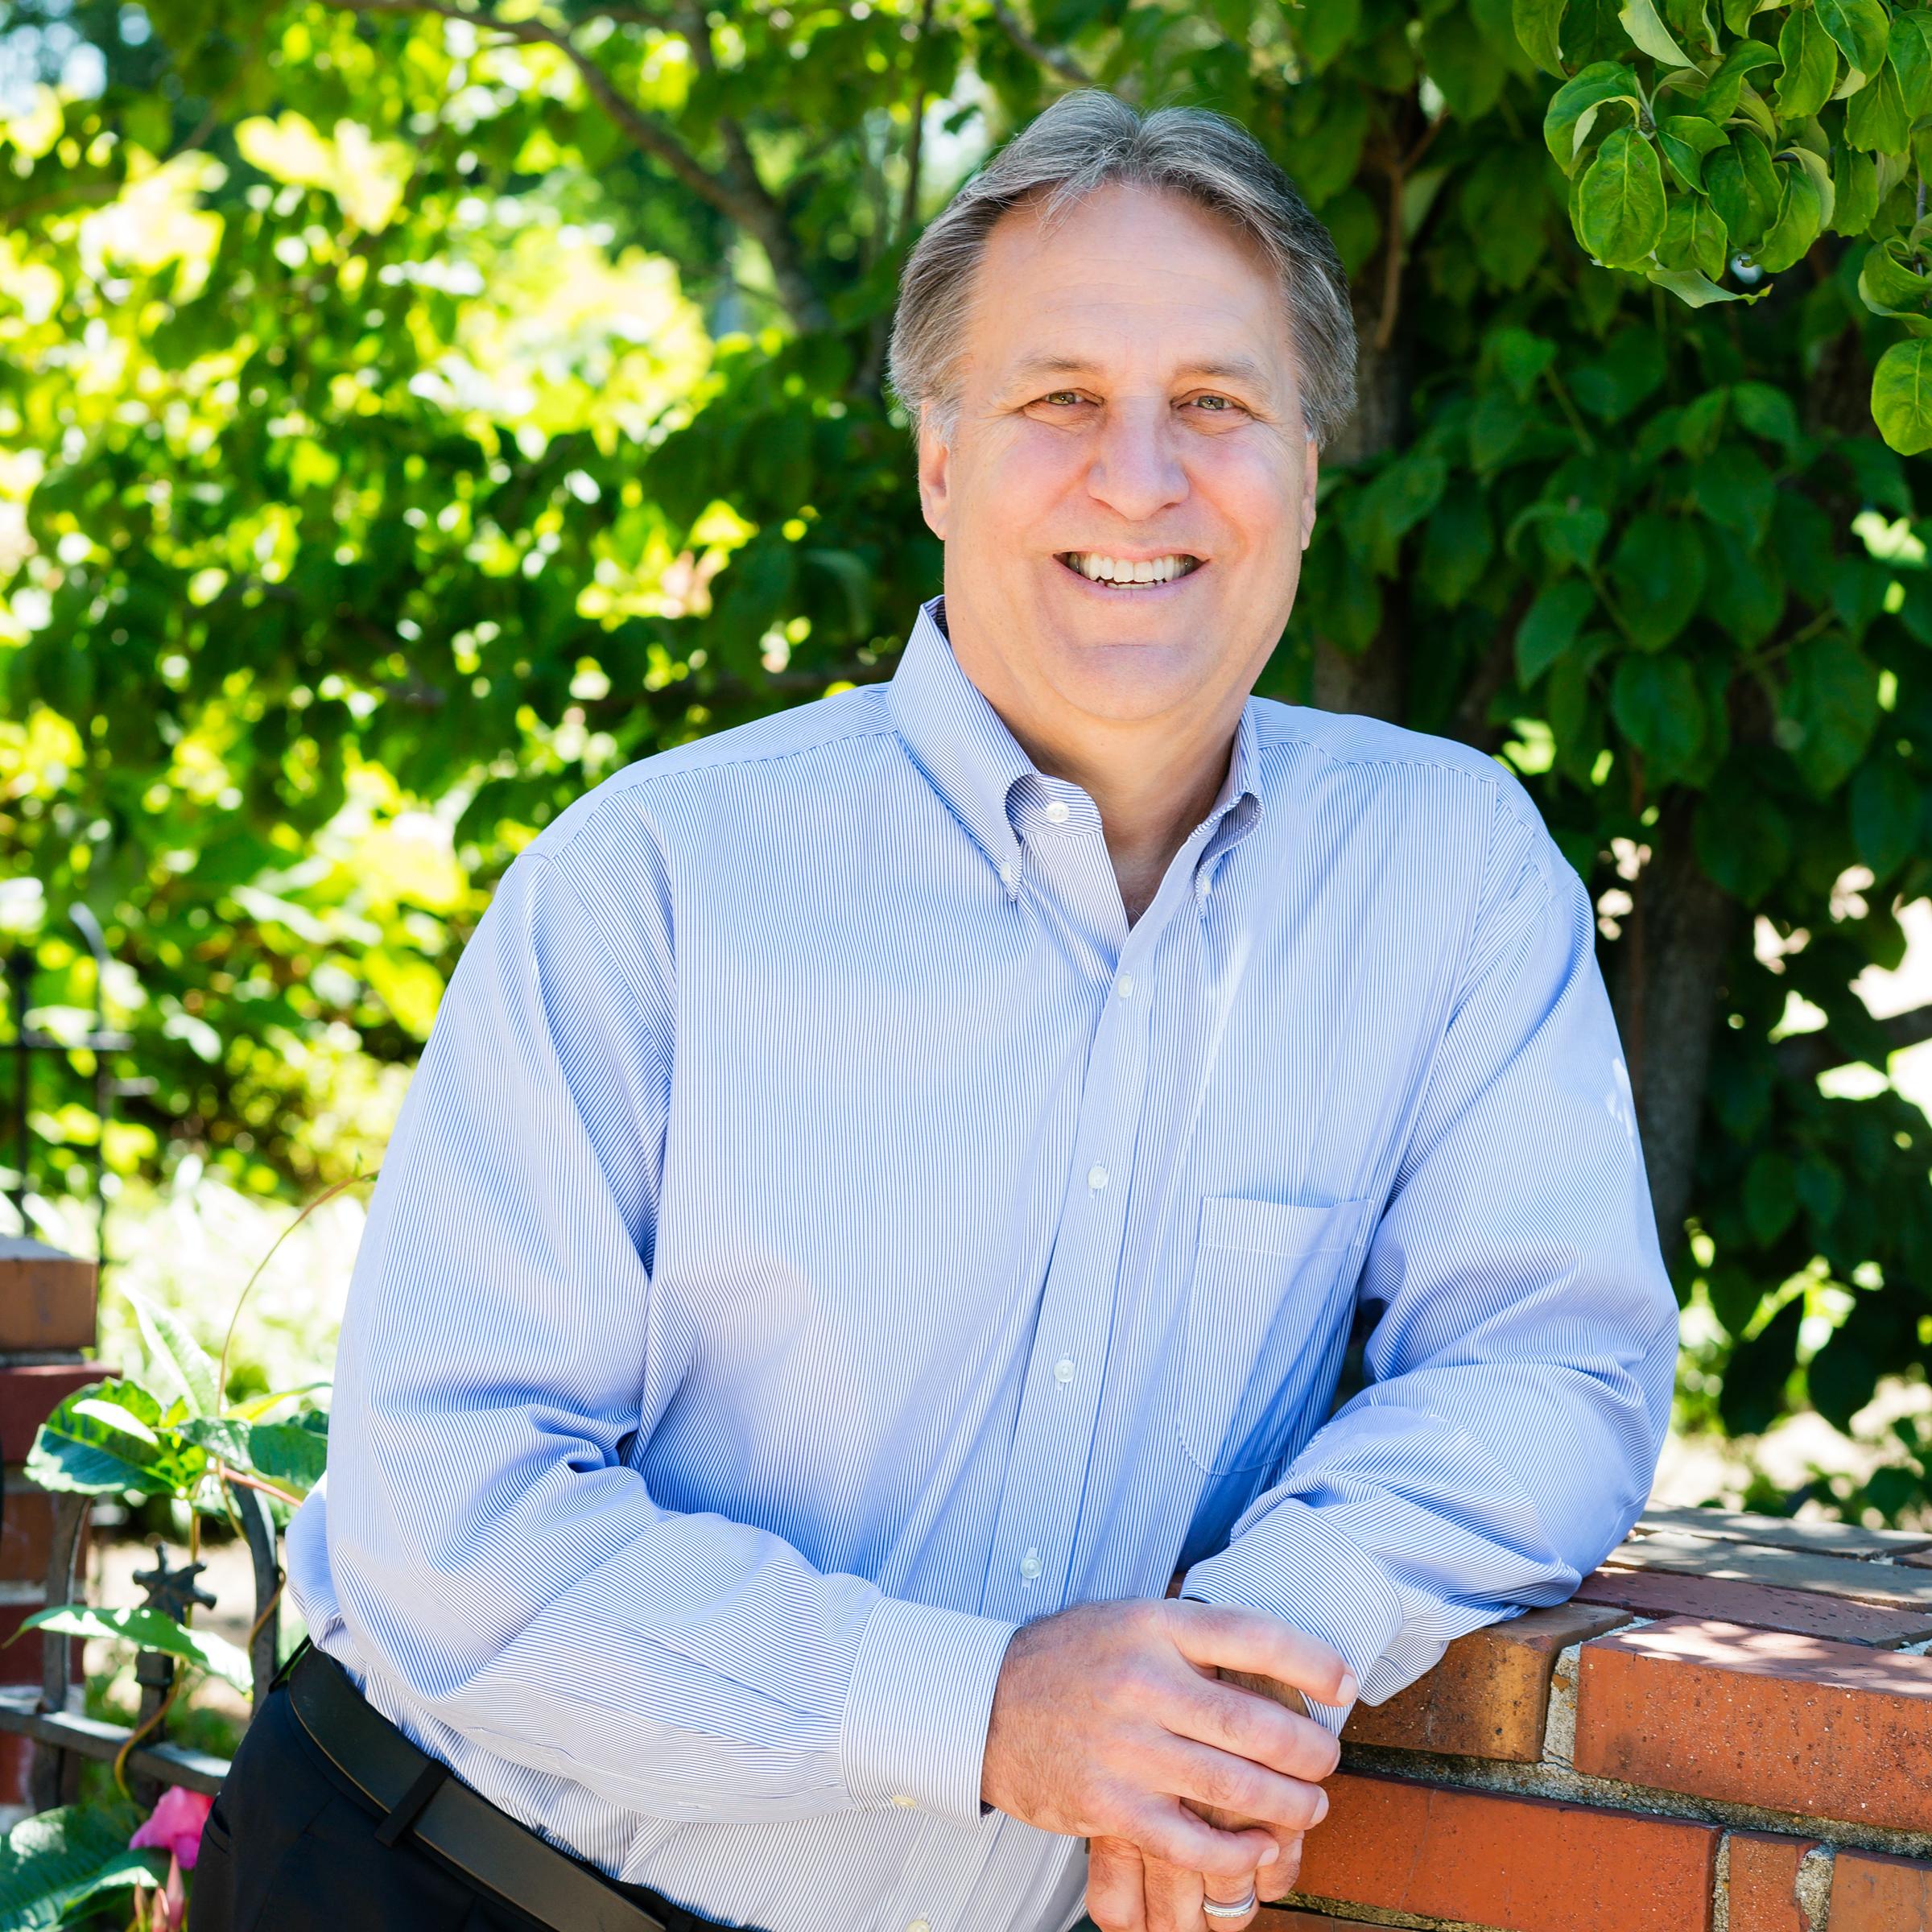 Mark-Kohls picture